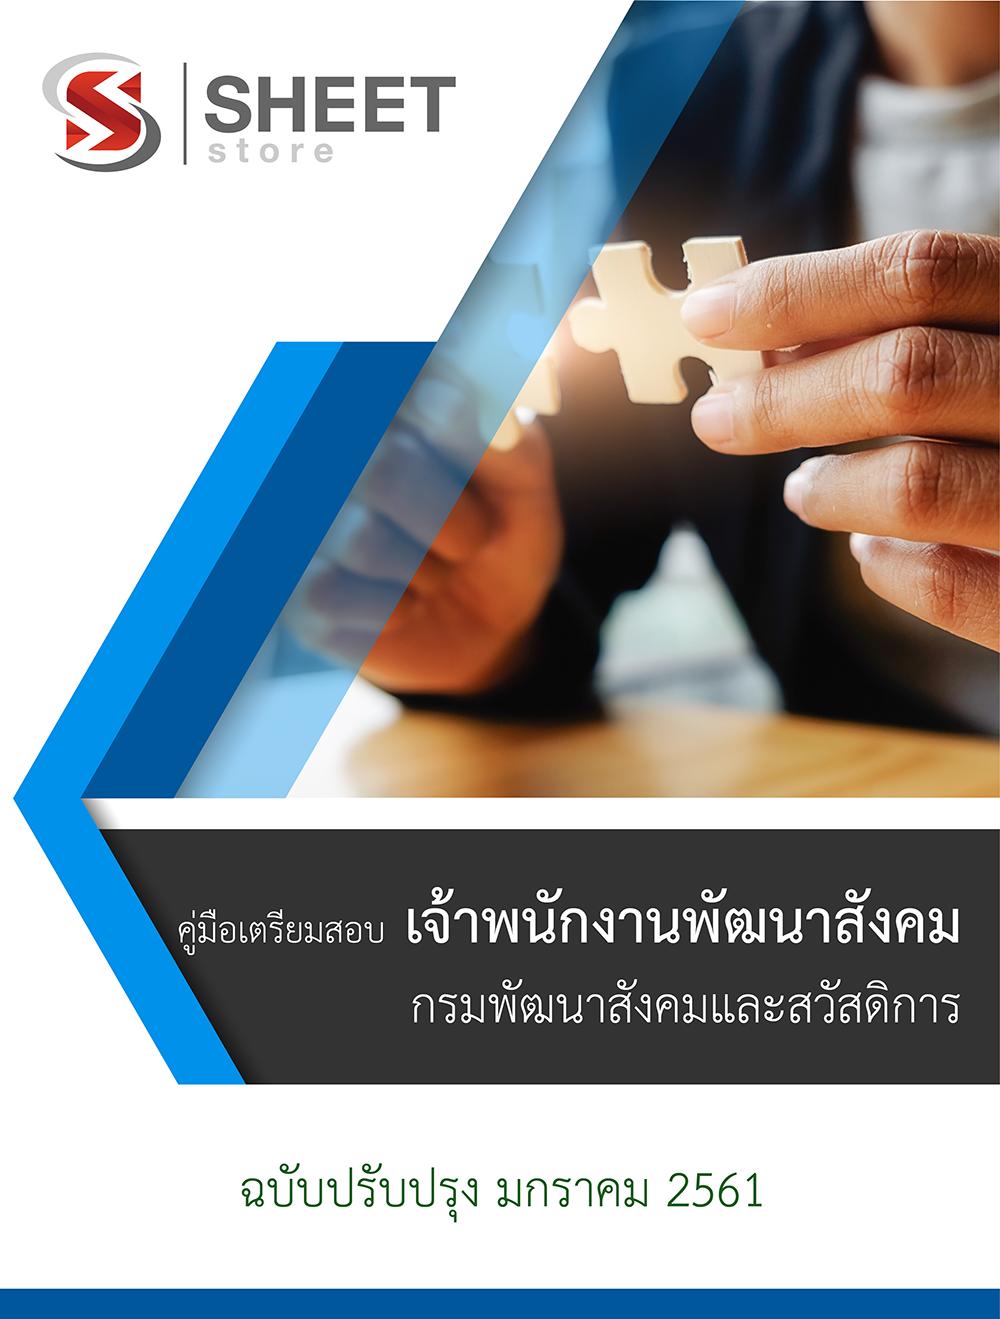 แนวข้อสอบ เจ้าพนักงานพัฒนาสังคม กรมพัฒนาสังคมและสวัสดิการ